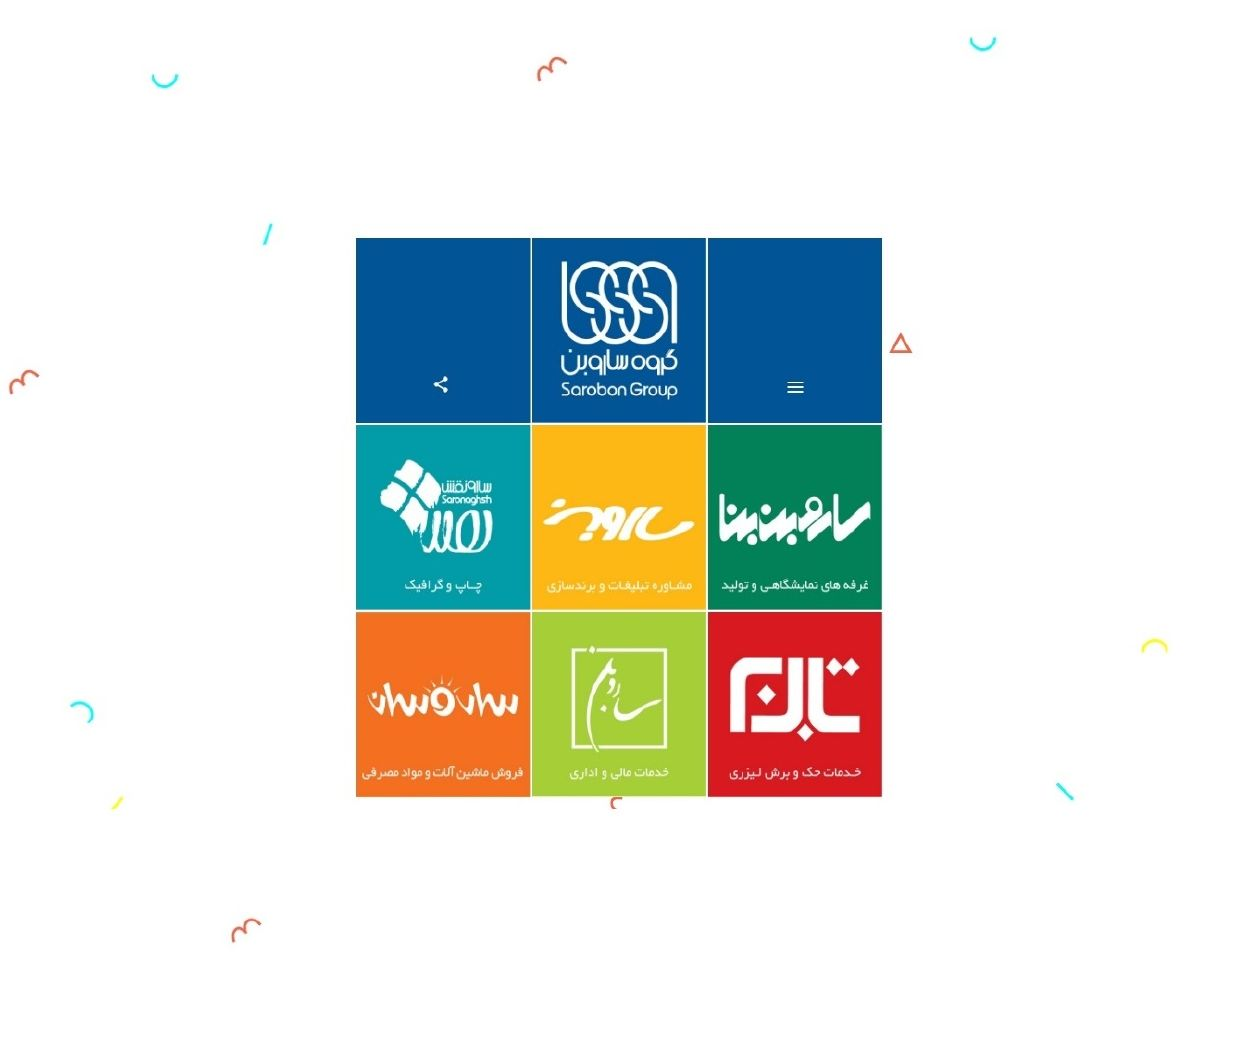 طراحی سایت شرکت ساروبن